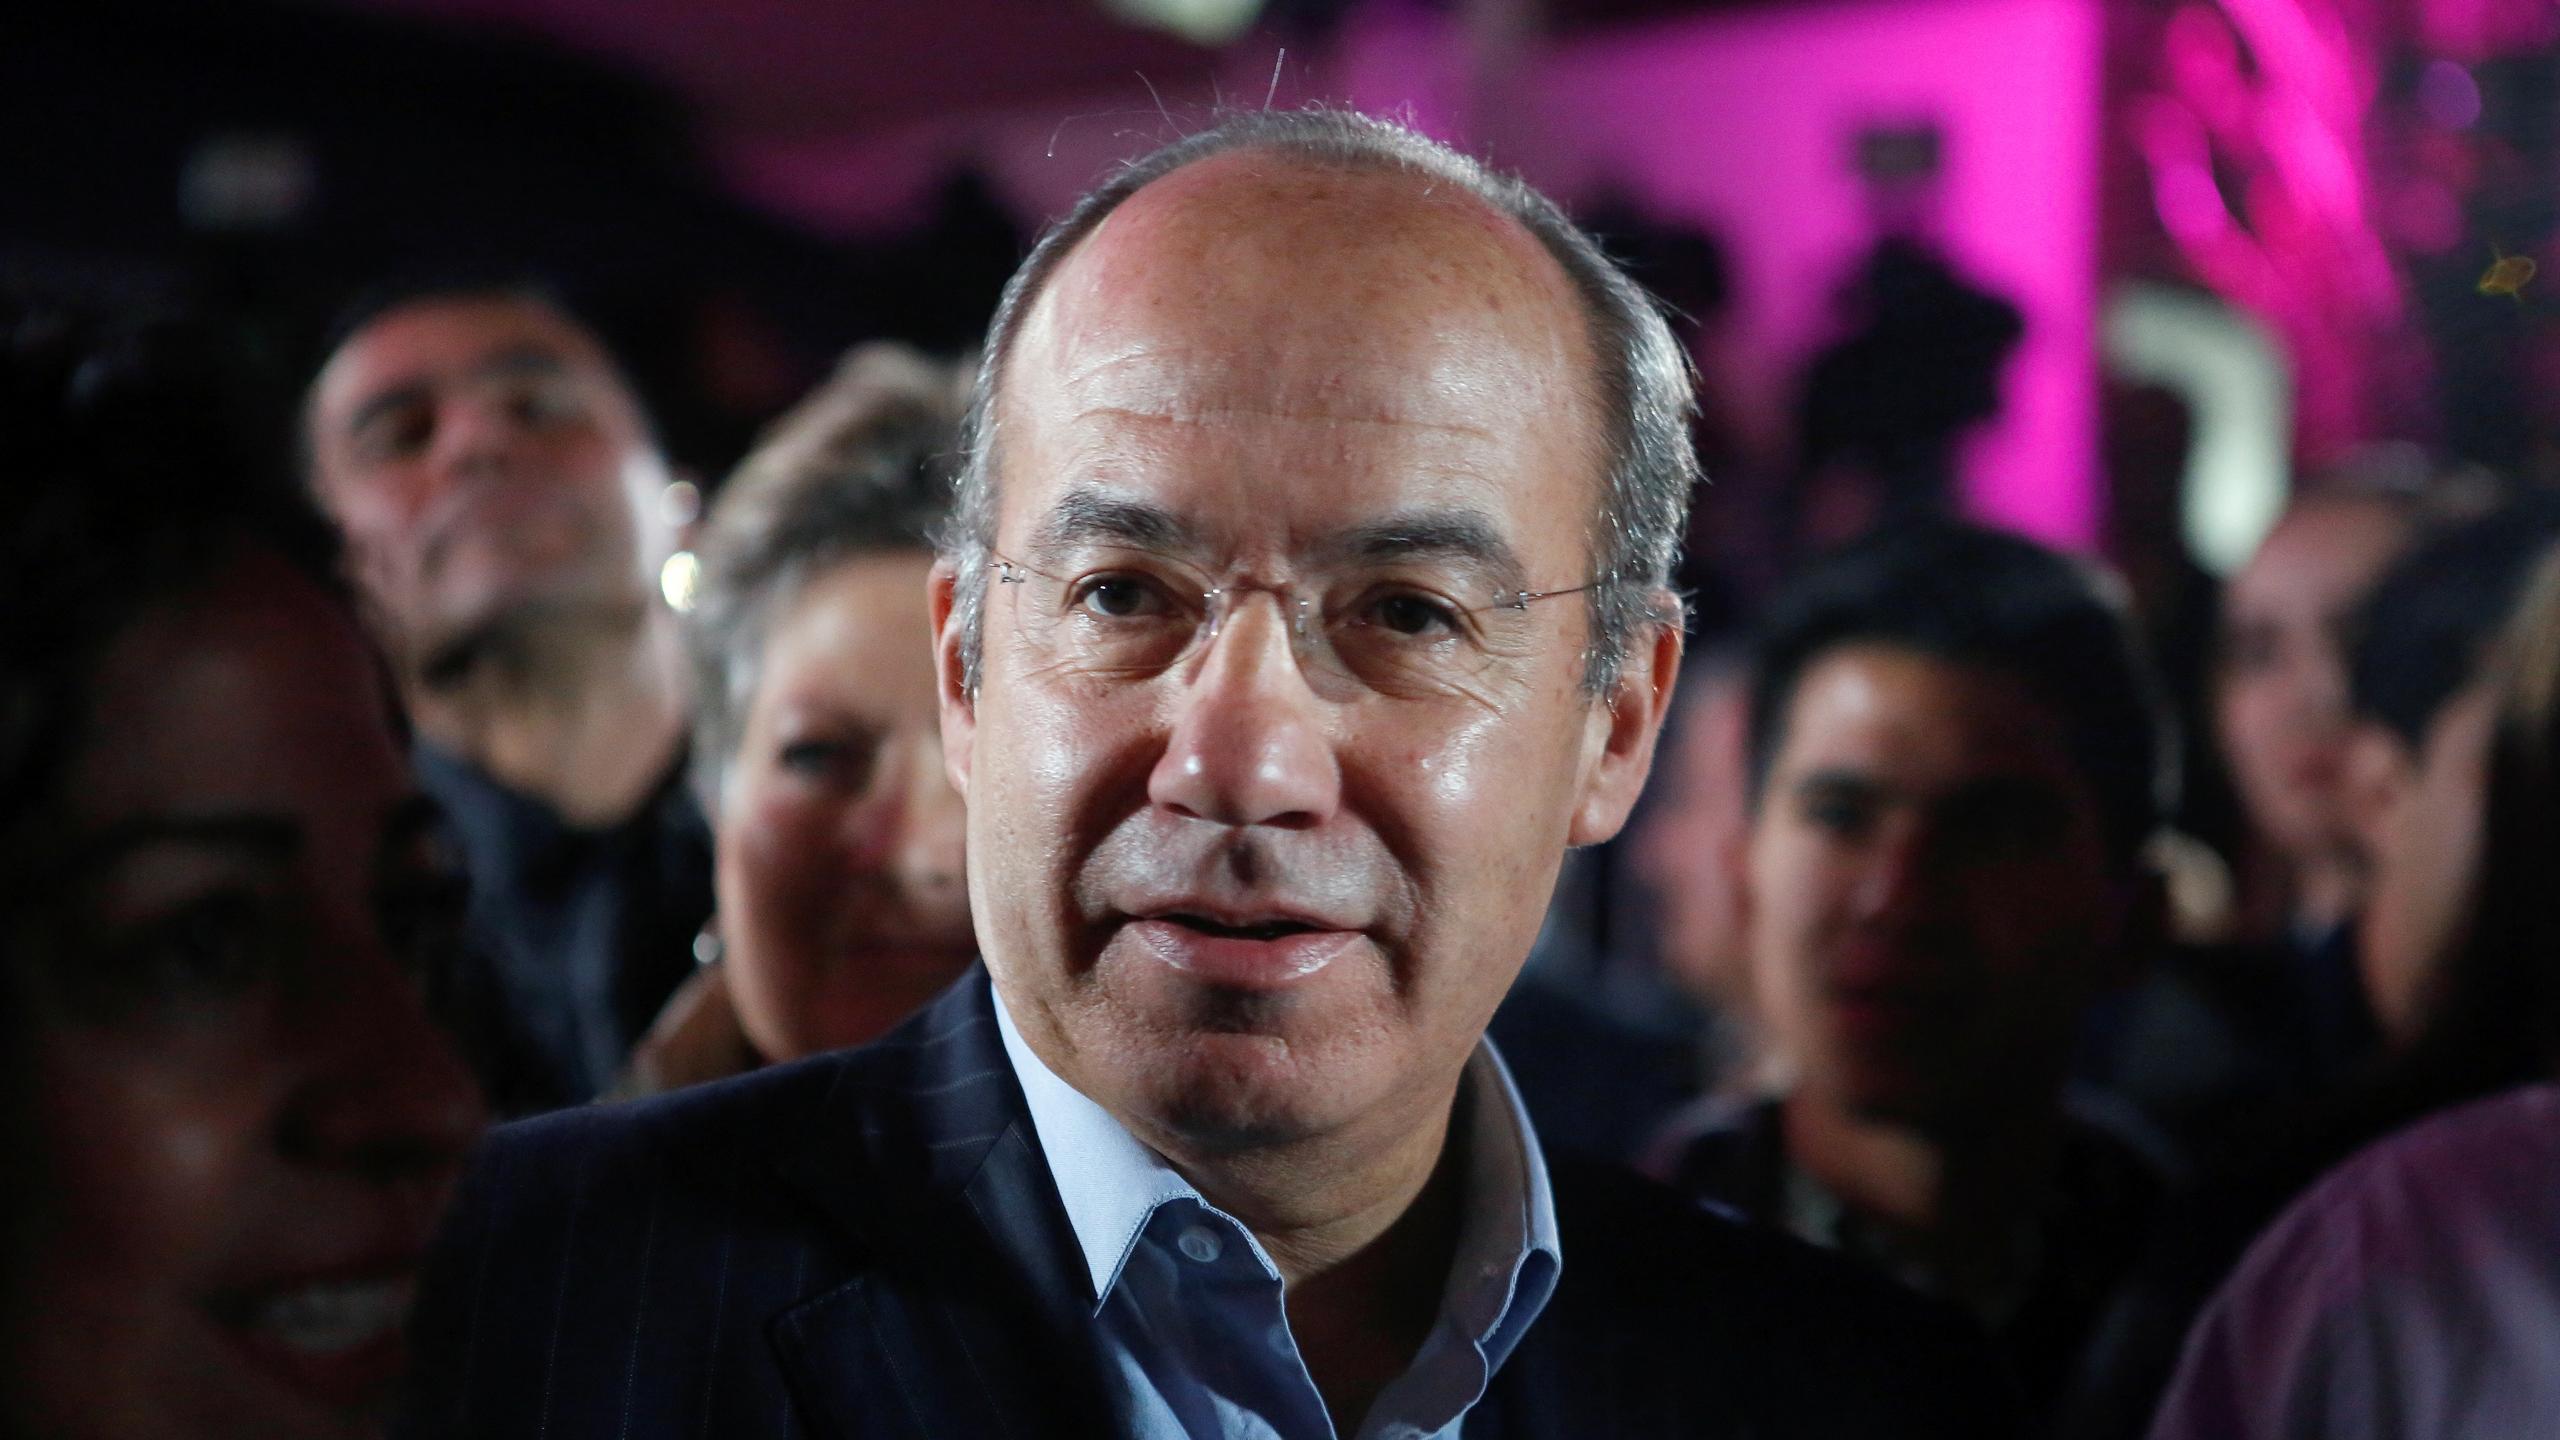 ¿De qué viviría un expresidente honesto si no es en la IP?, revira Calderón a AMLO